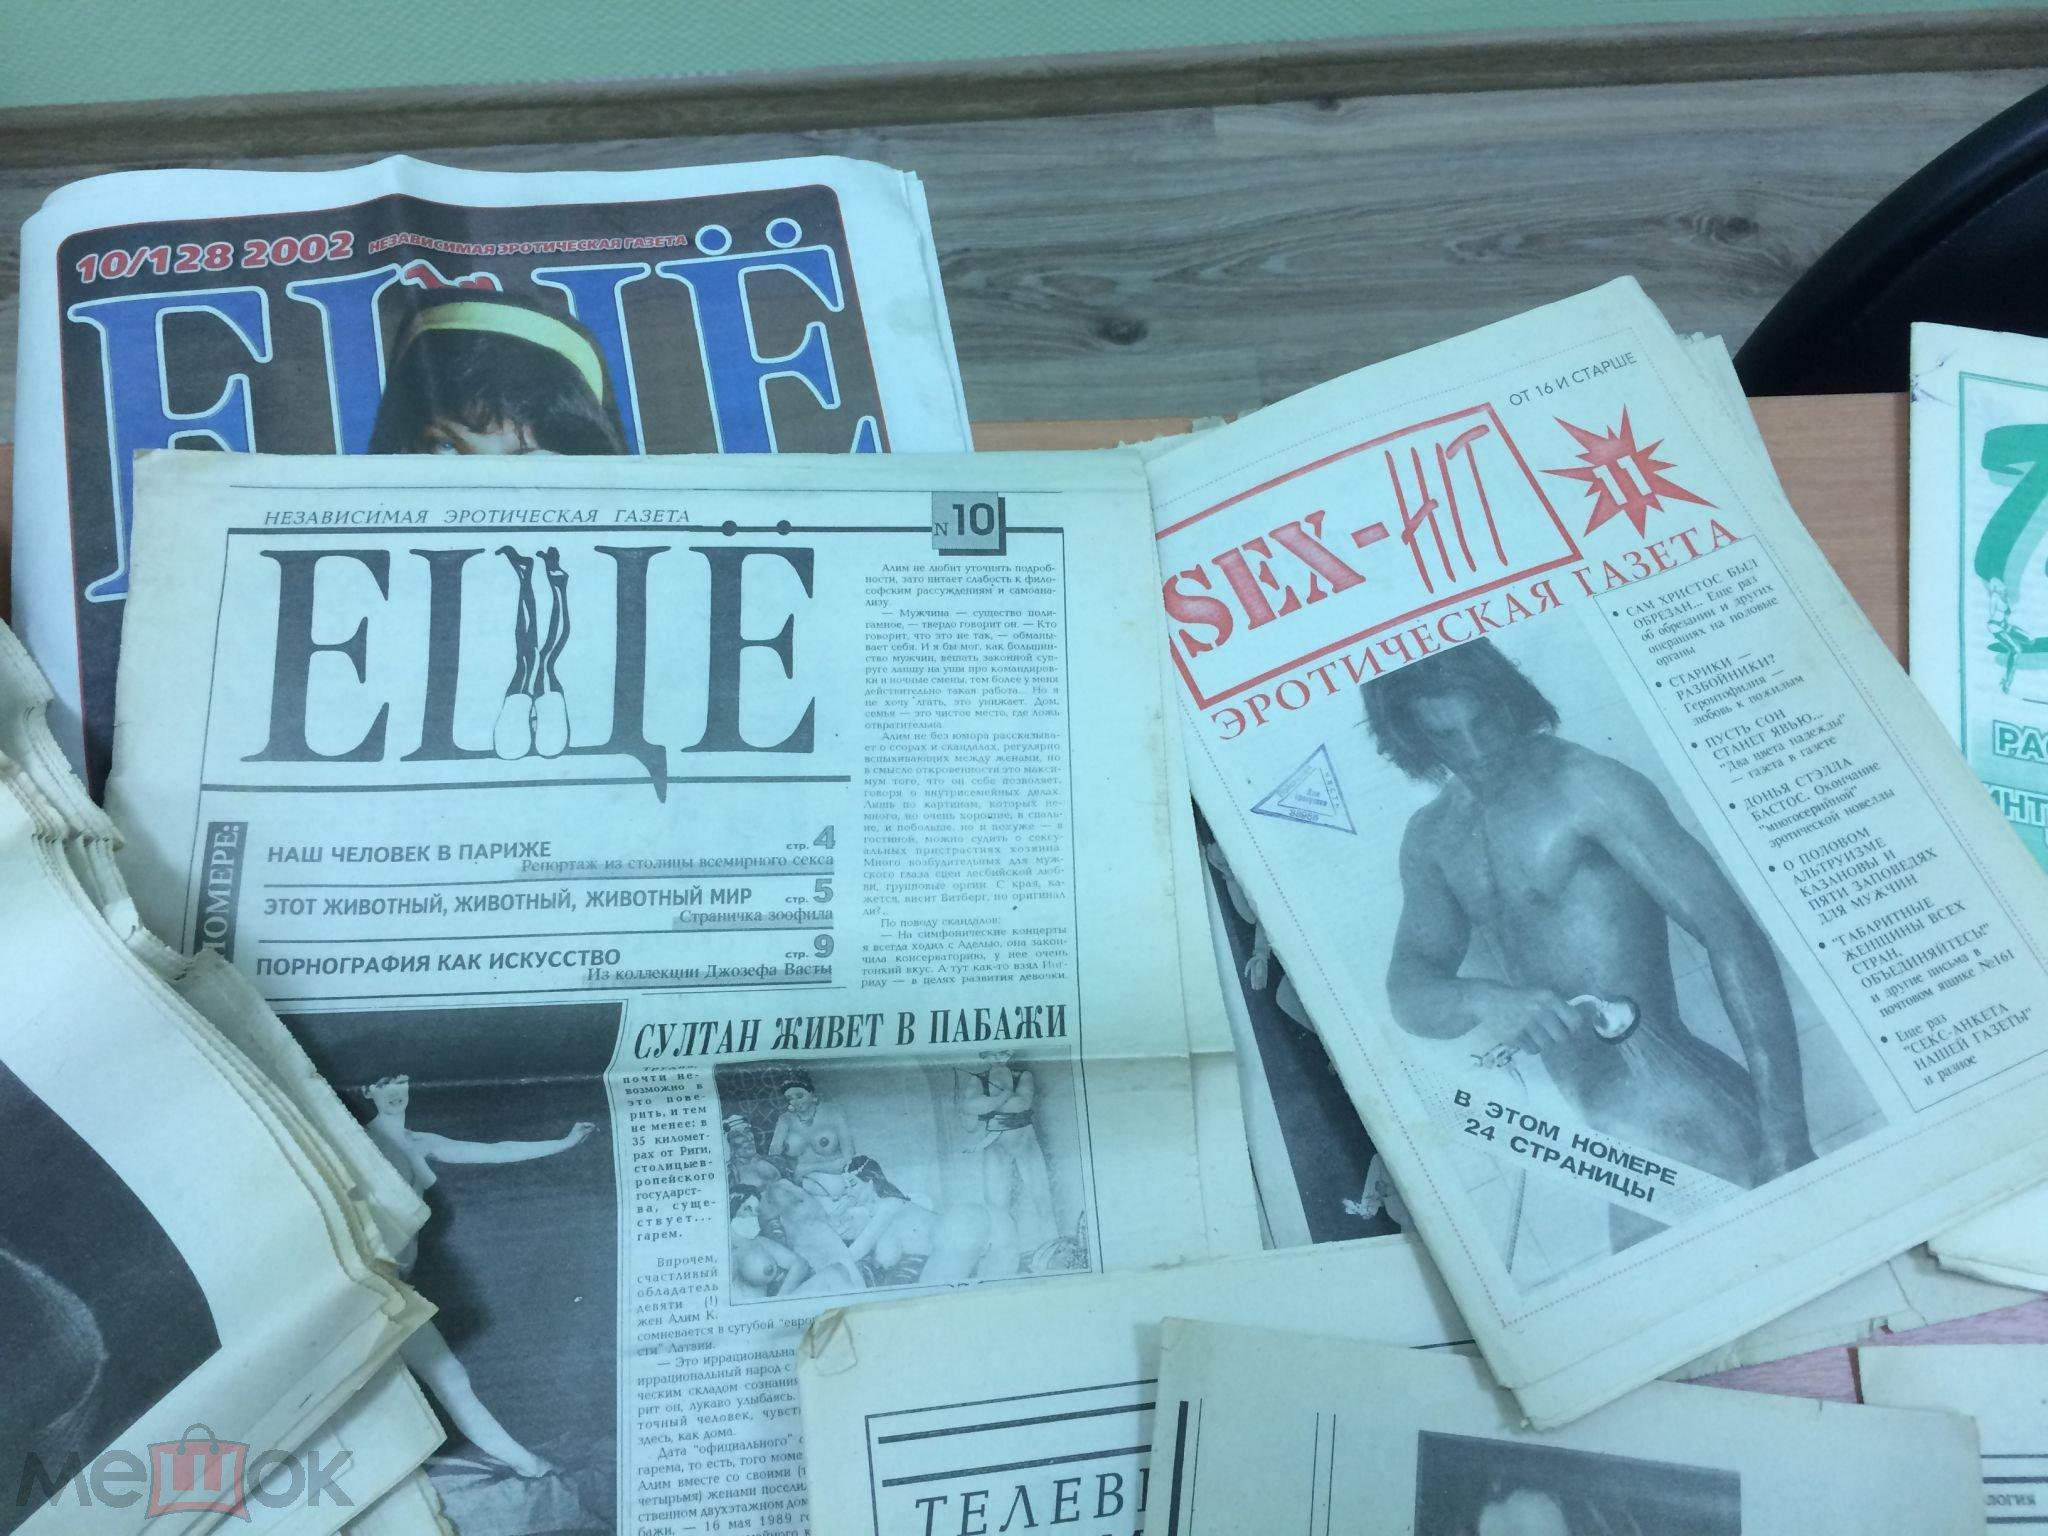 Коллекцию газет и журналов о сексе продам